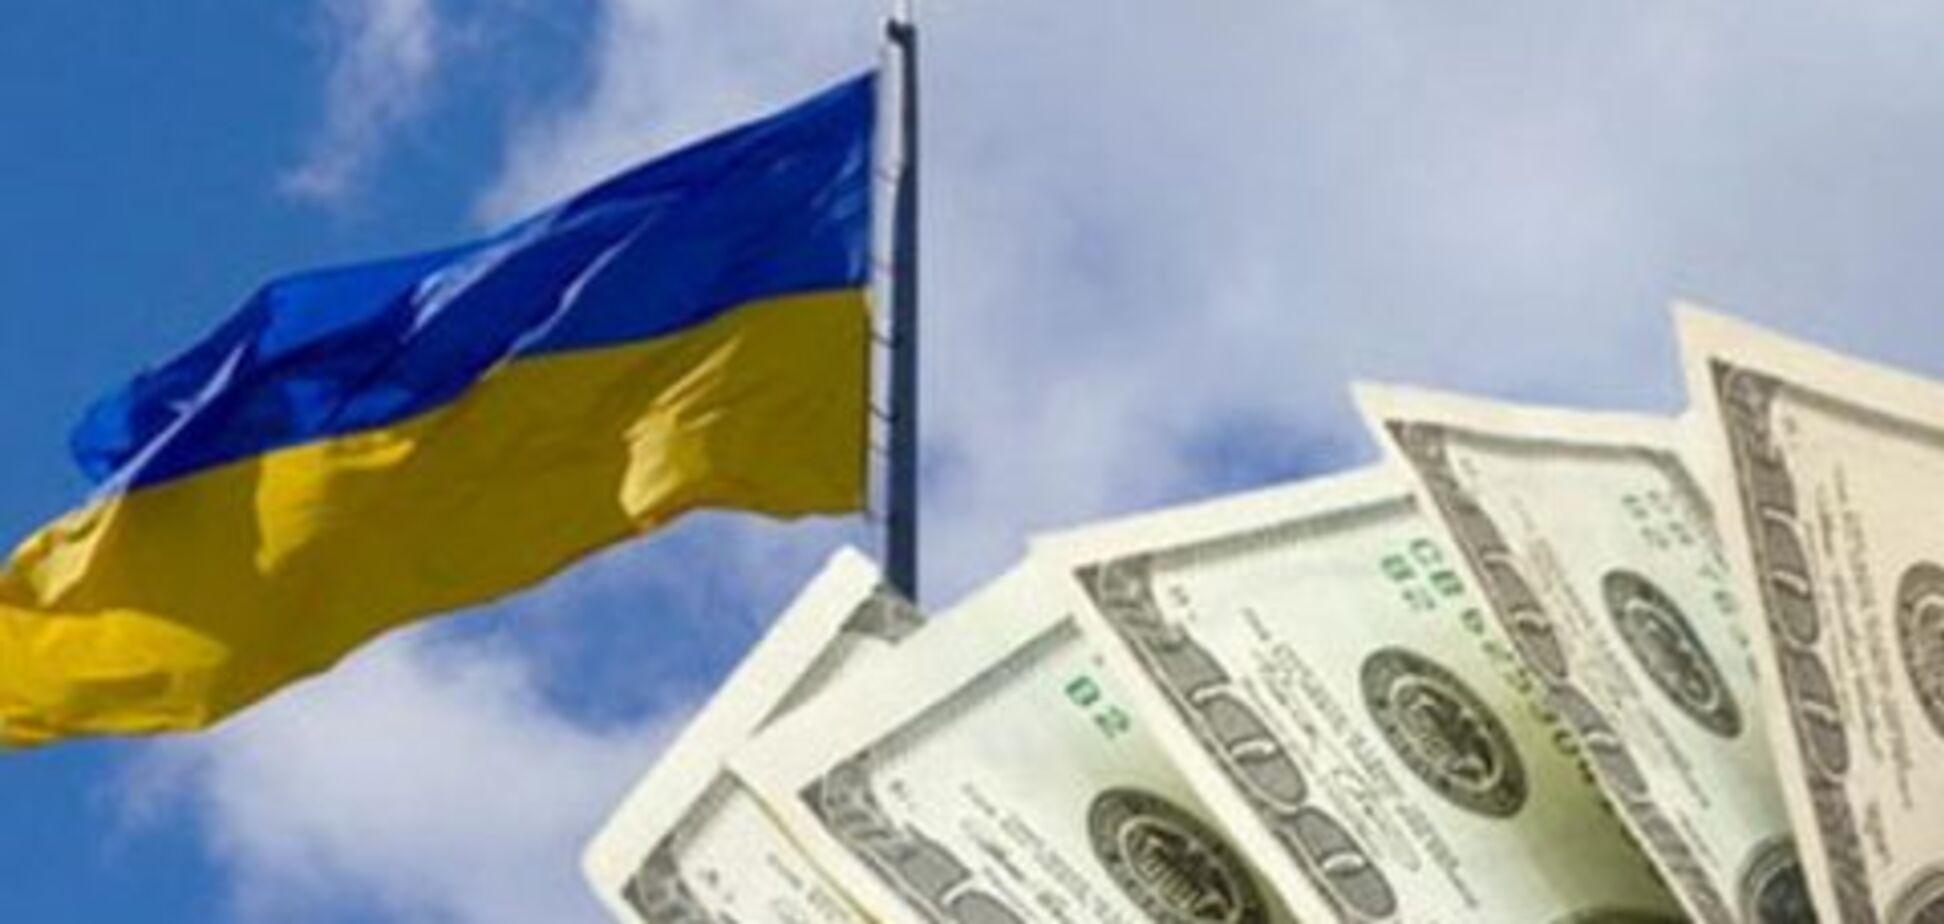 Украина вырвалась в топ престижного рейтинга фаворитов инвесторов — Насиров